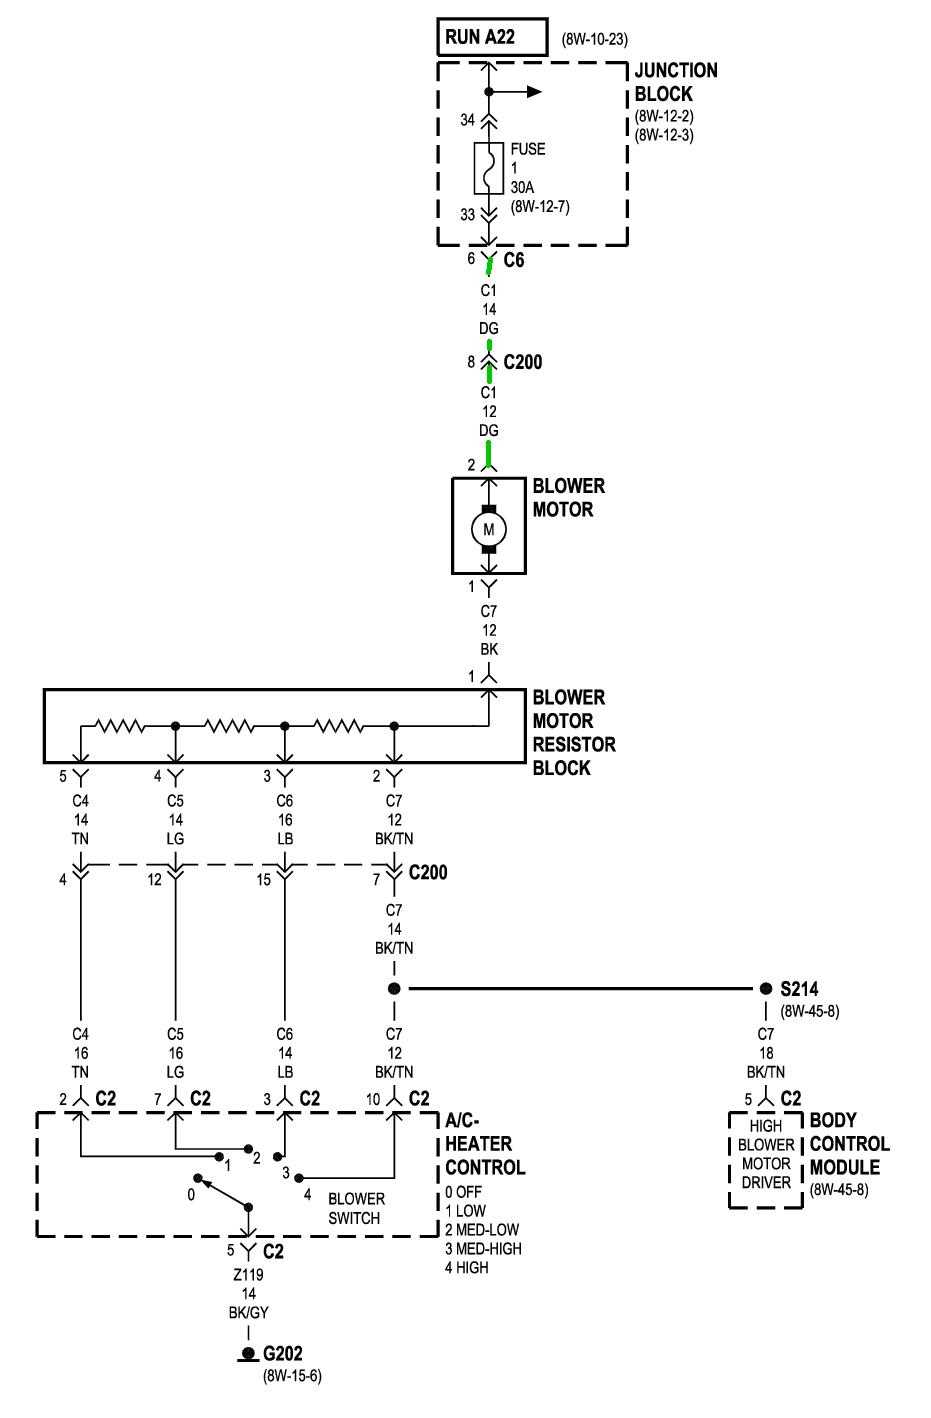 2005 chrysler sebring fuse box diagram lmFtQhg?resize\\\\\\\=665%2C1013 2004 chrysler sebring fuse box diagram wiring diagram simonand 2004 chrysler sebring wiring diagram at readyjetset.co